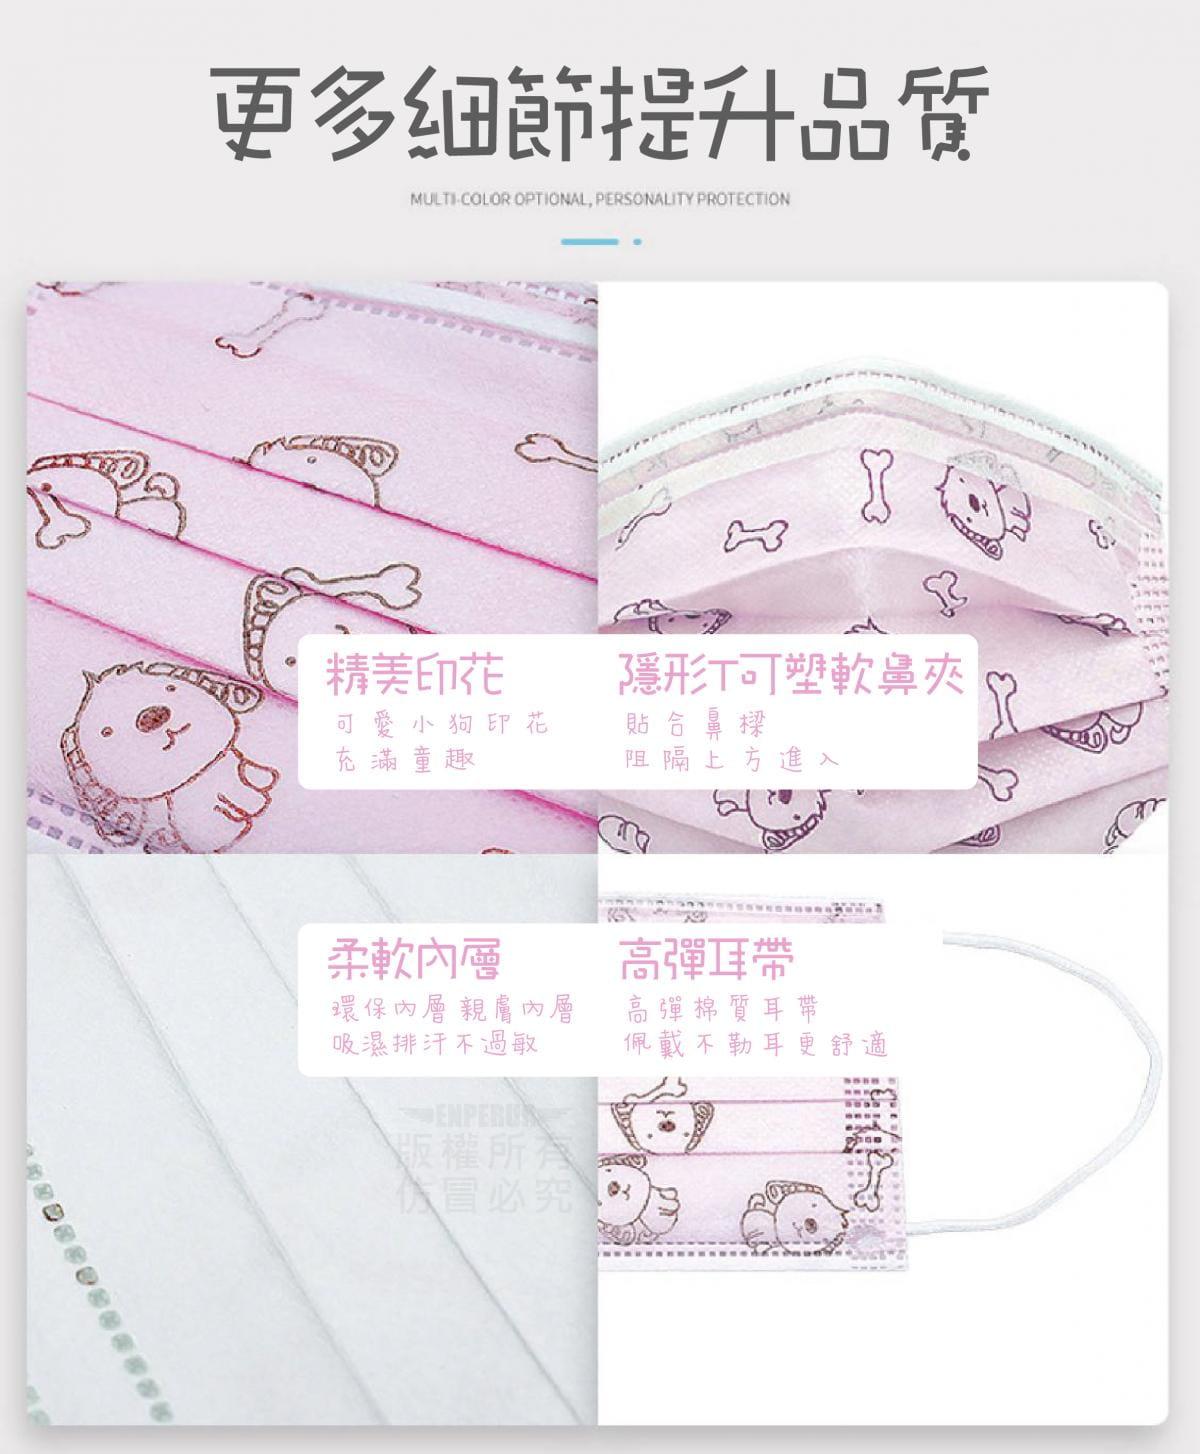 一次性防塵口罩(成人、兒童)可任選 ※款式顏色隨機出貨※ 熔噴布一般口罩 非醫療口罩 拋棄式口罩 7